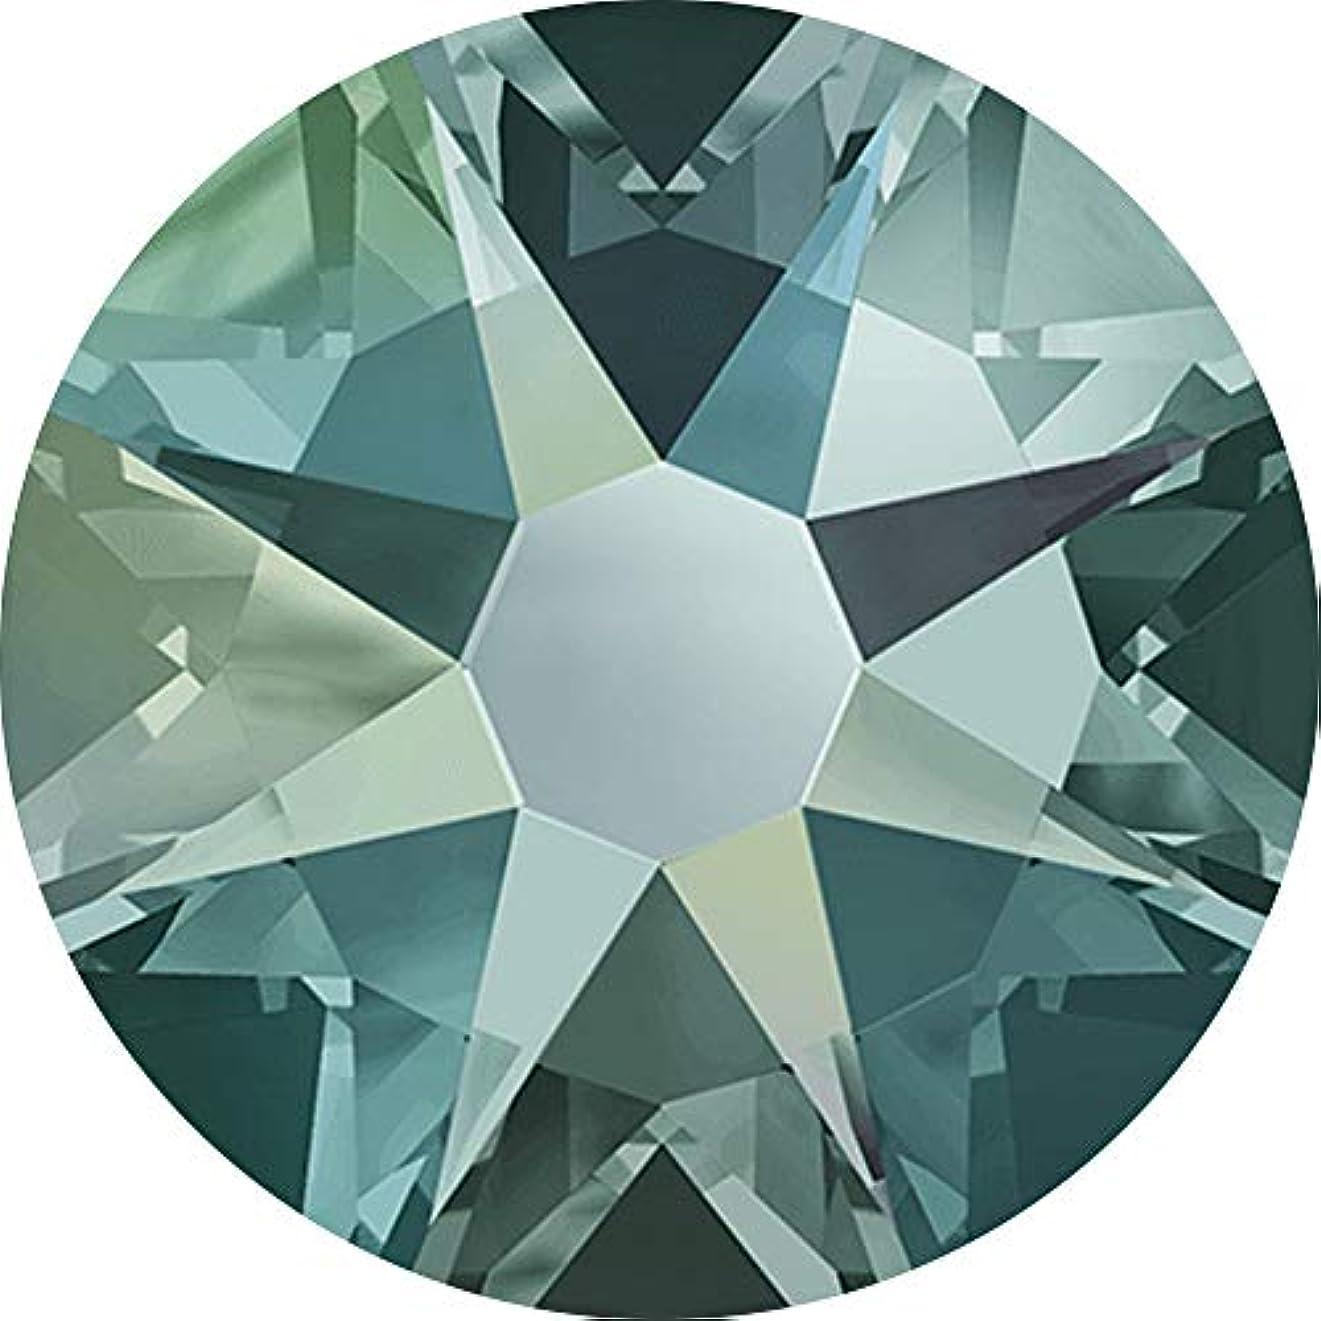 眠いです二年生宅配便SWAROVSKI ブラックダイヤモンドシマー SS20(4.6~4.8mm) 12P